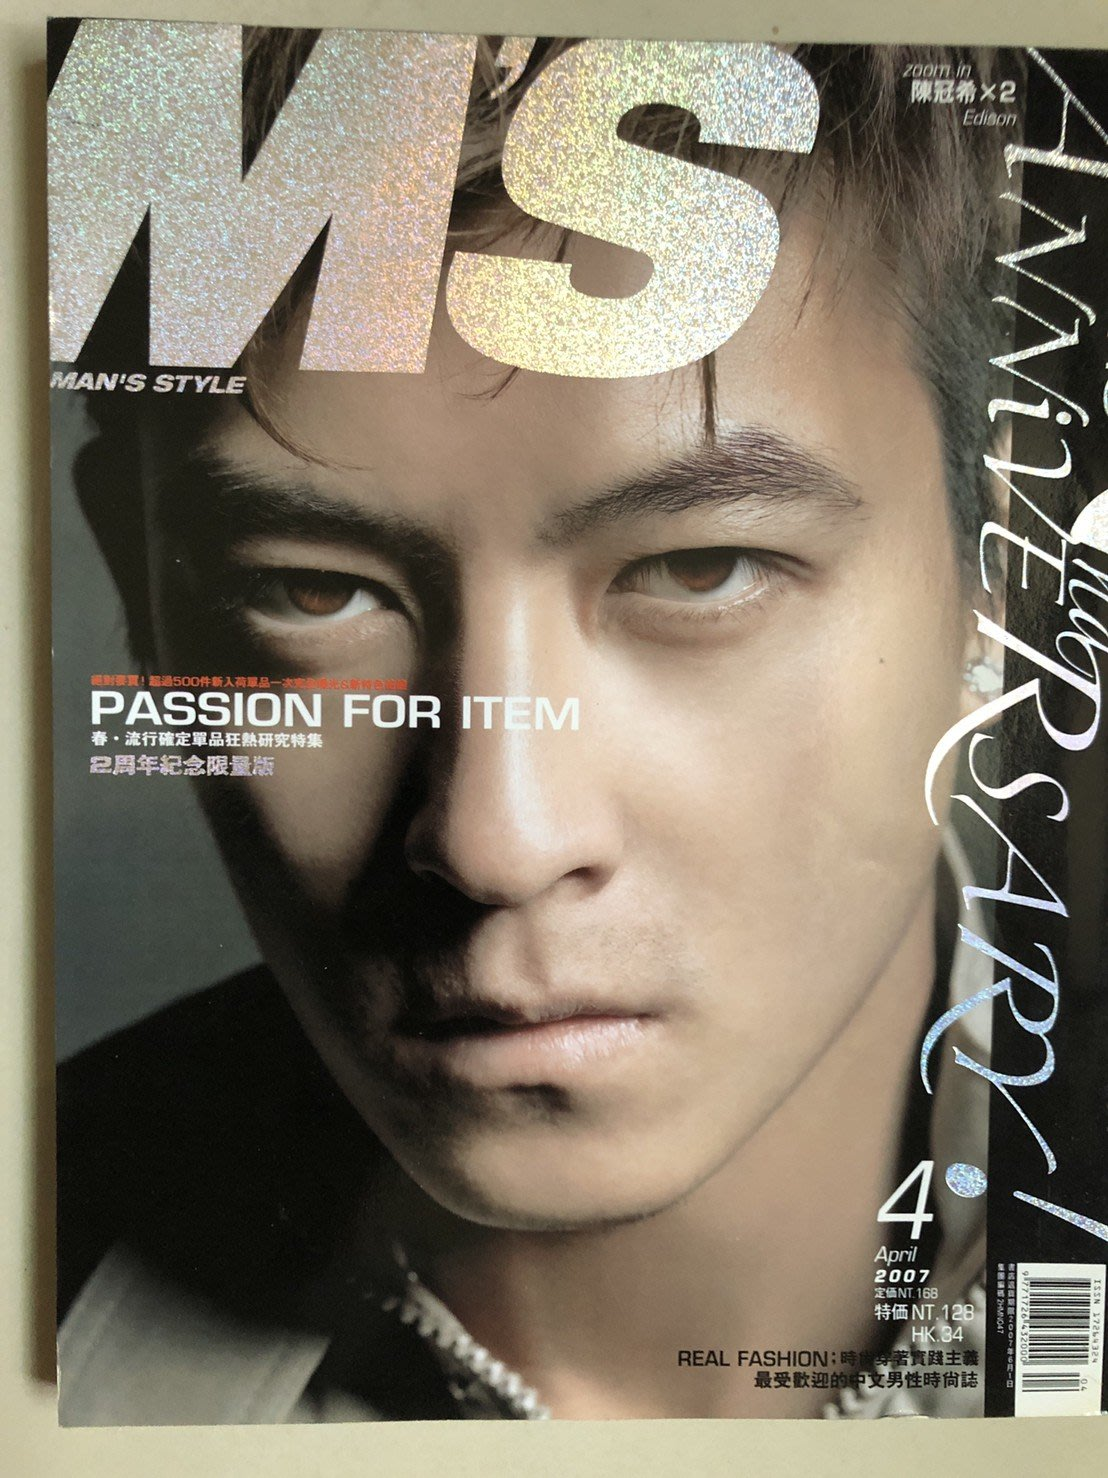 MS mans style 2周年紀念限定版 NO.47